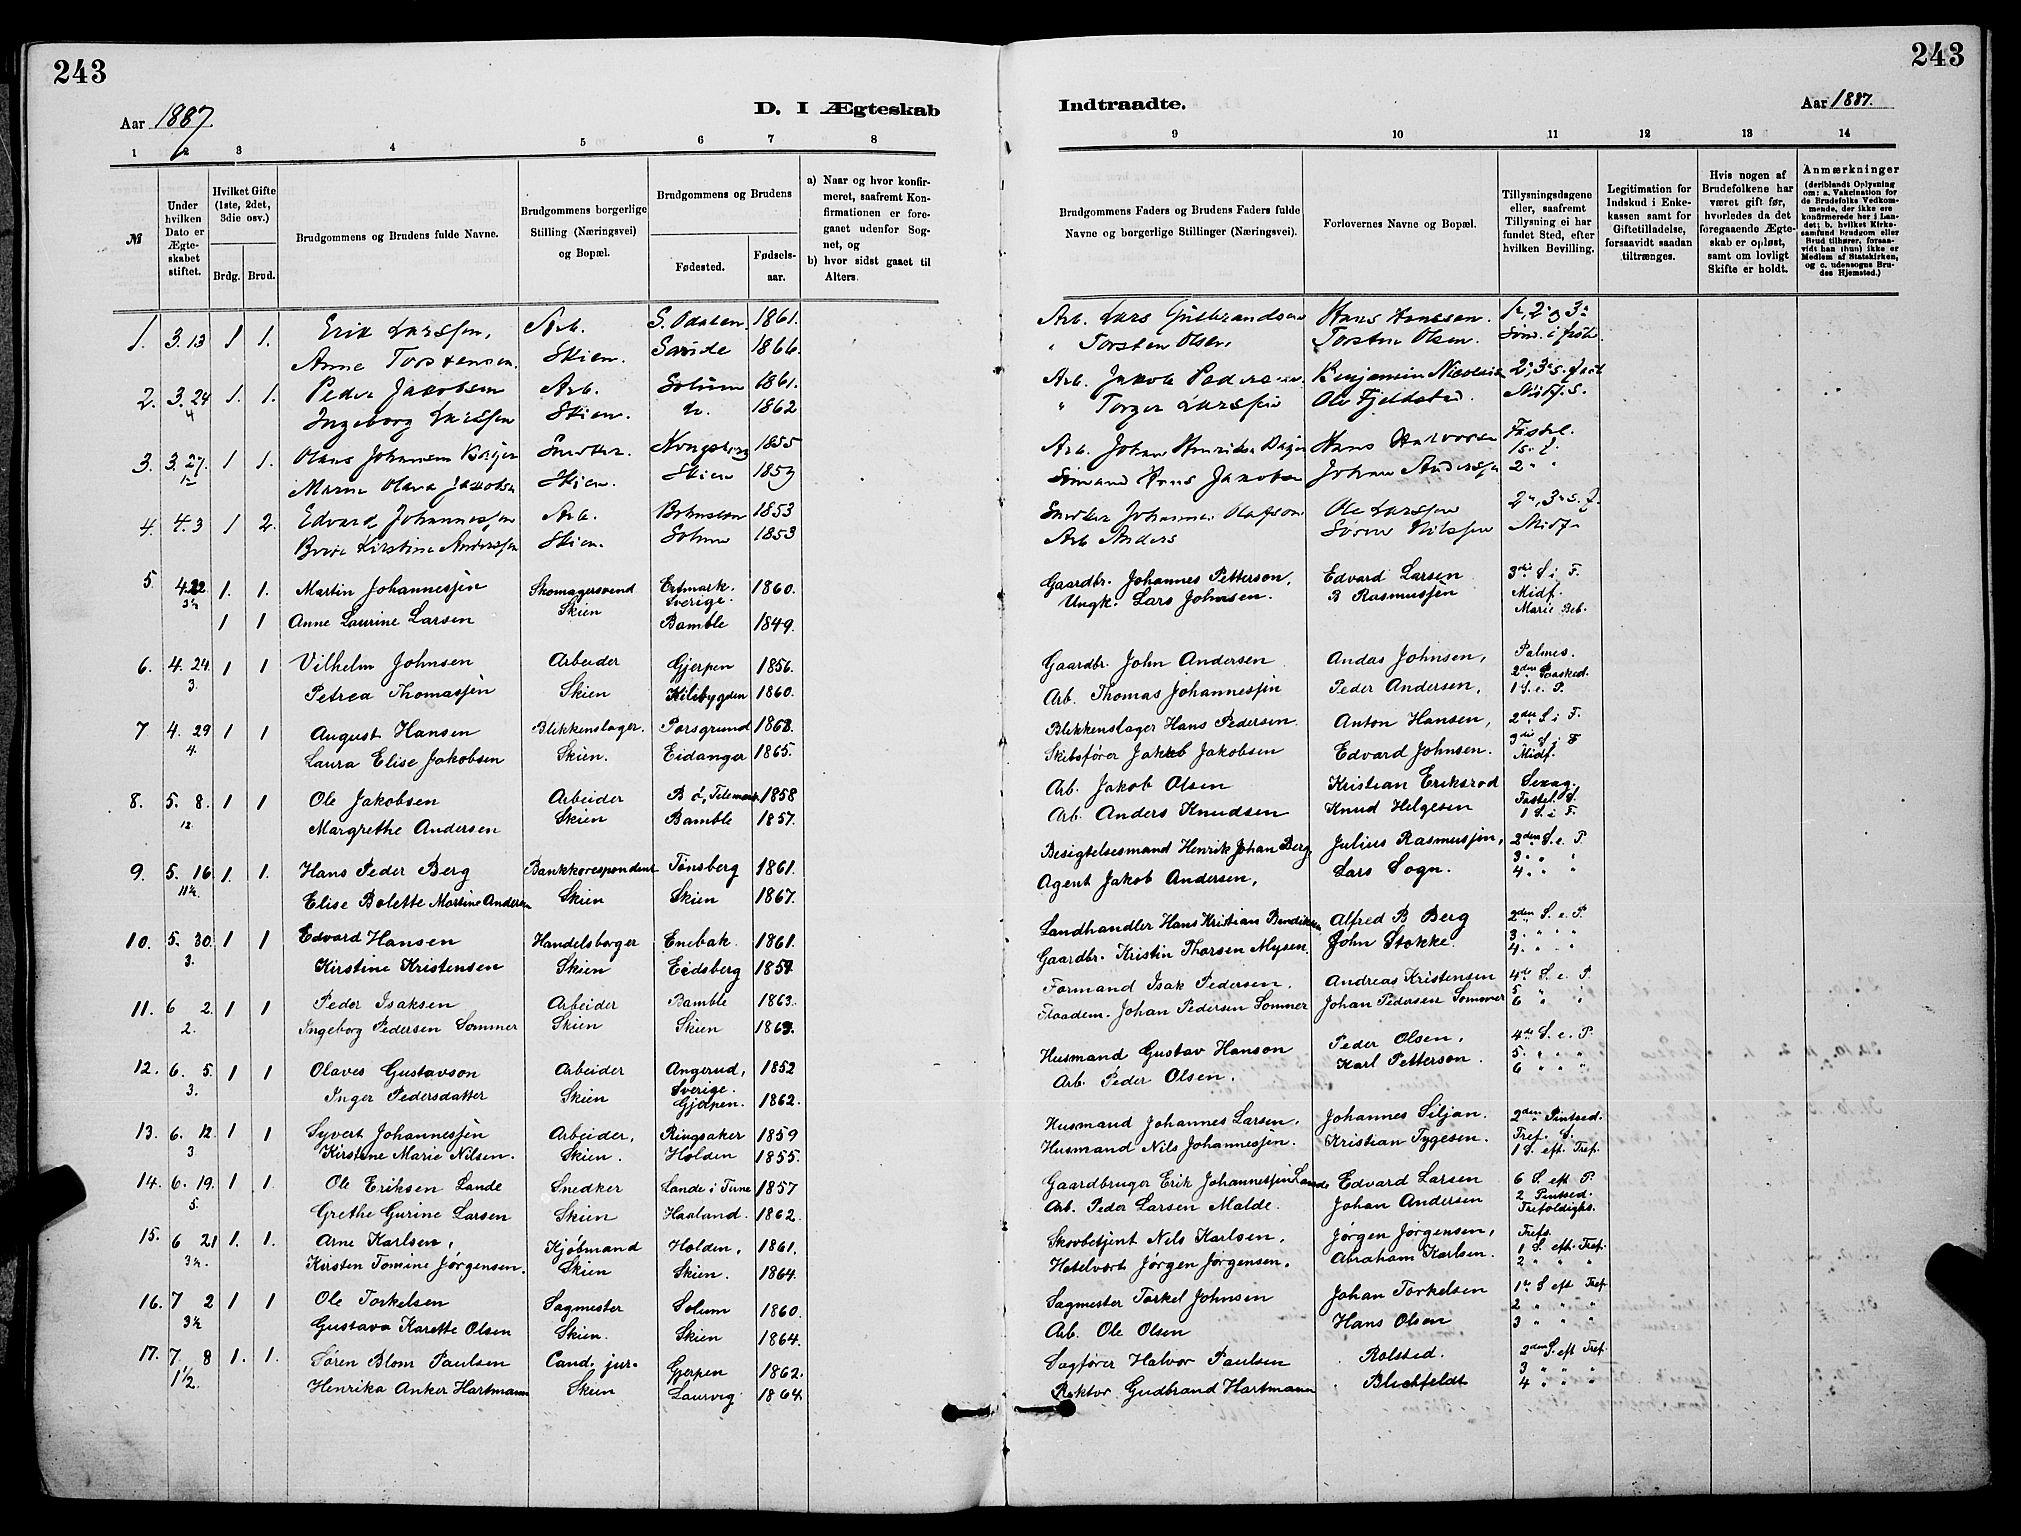 SAKO, Skien kirkebøker, G/Ga/L0006: Klokkerbok nr. 6, 1881-1890, s. 243